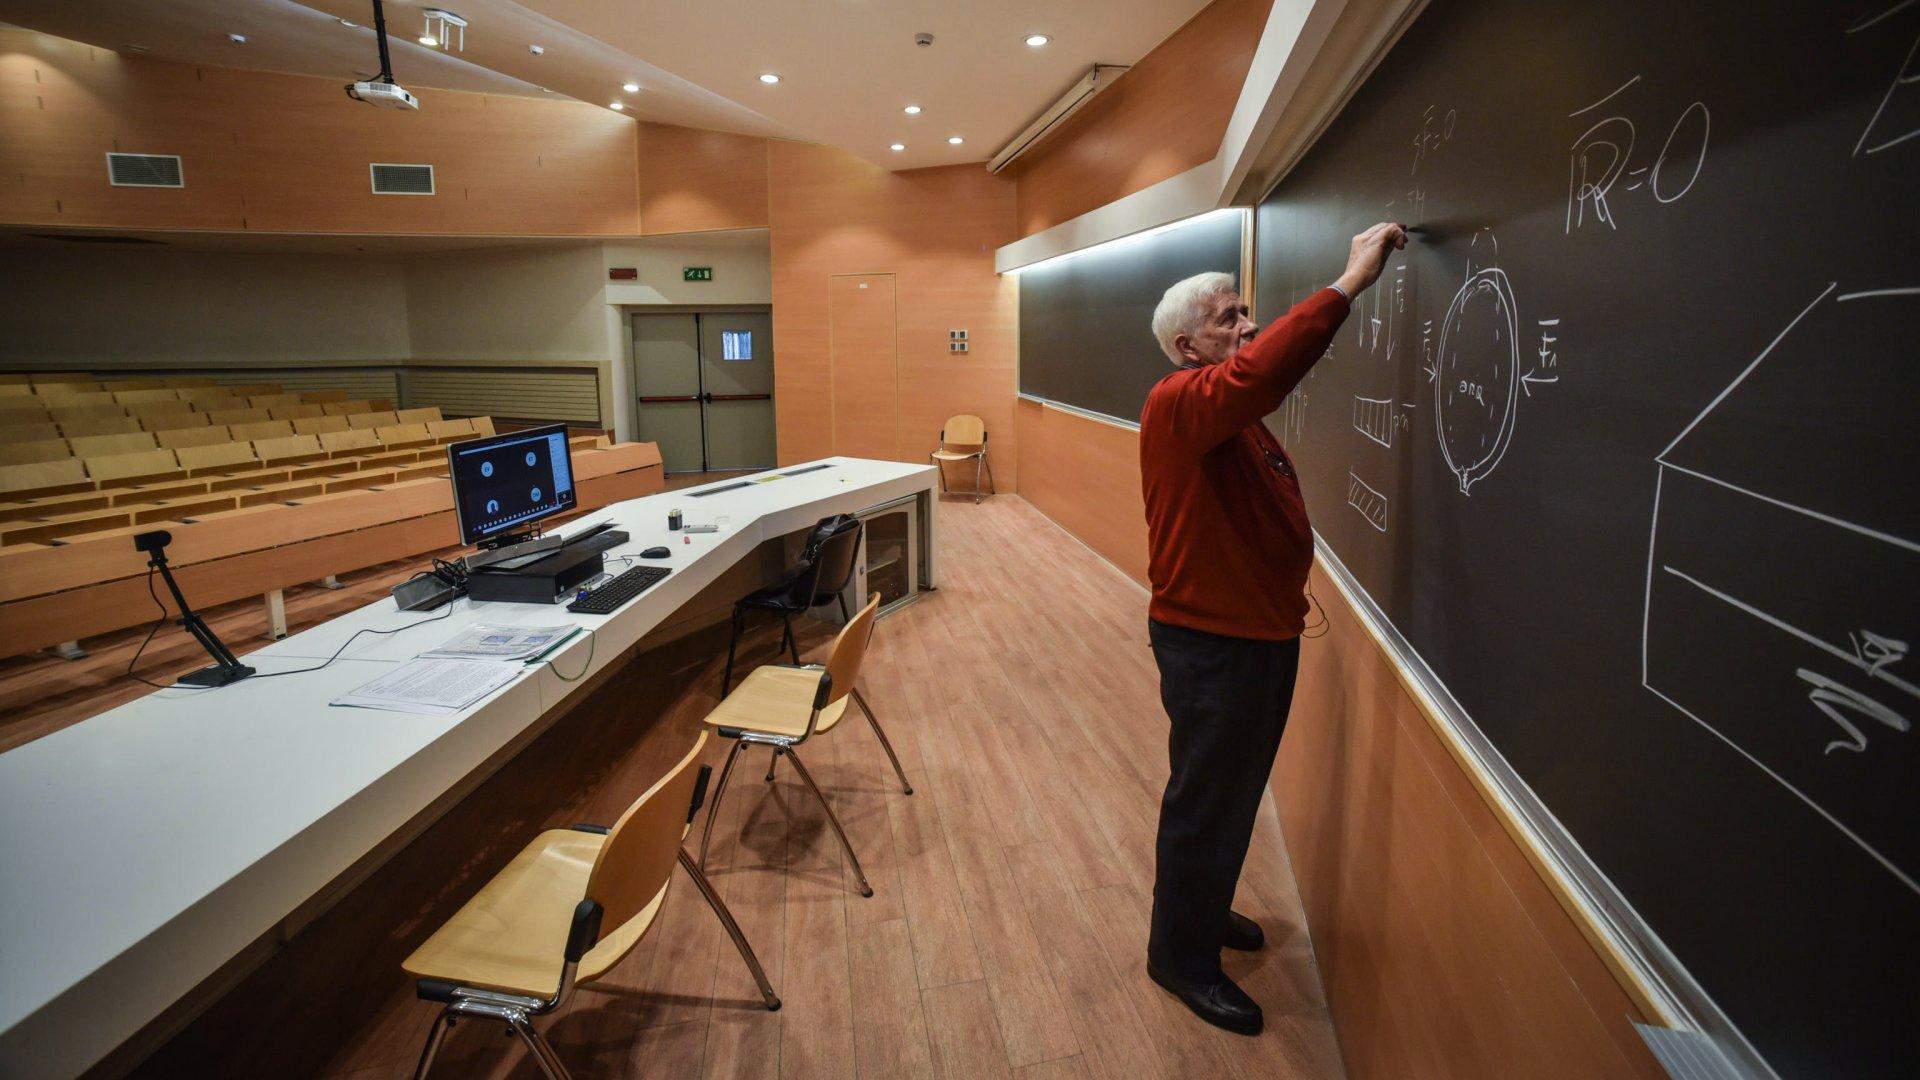 Képünk illusztráció. Silvio Franzetti professzor webkamera segítségével az interneten keresztül tart órát a Milánói Mûszaki Egyetem egyik üres elõadótermében 2020. március 5-én, miután az új koronavírus járványának terjedése miatt minden oktatási intézmény működését felfüggesztették Olaszországban (Fotó: MTI/EPA/ANSA/Matteo Corner)